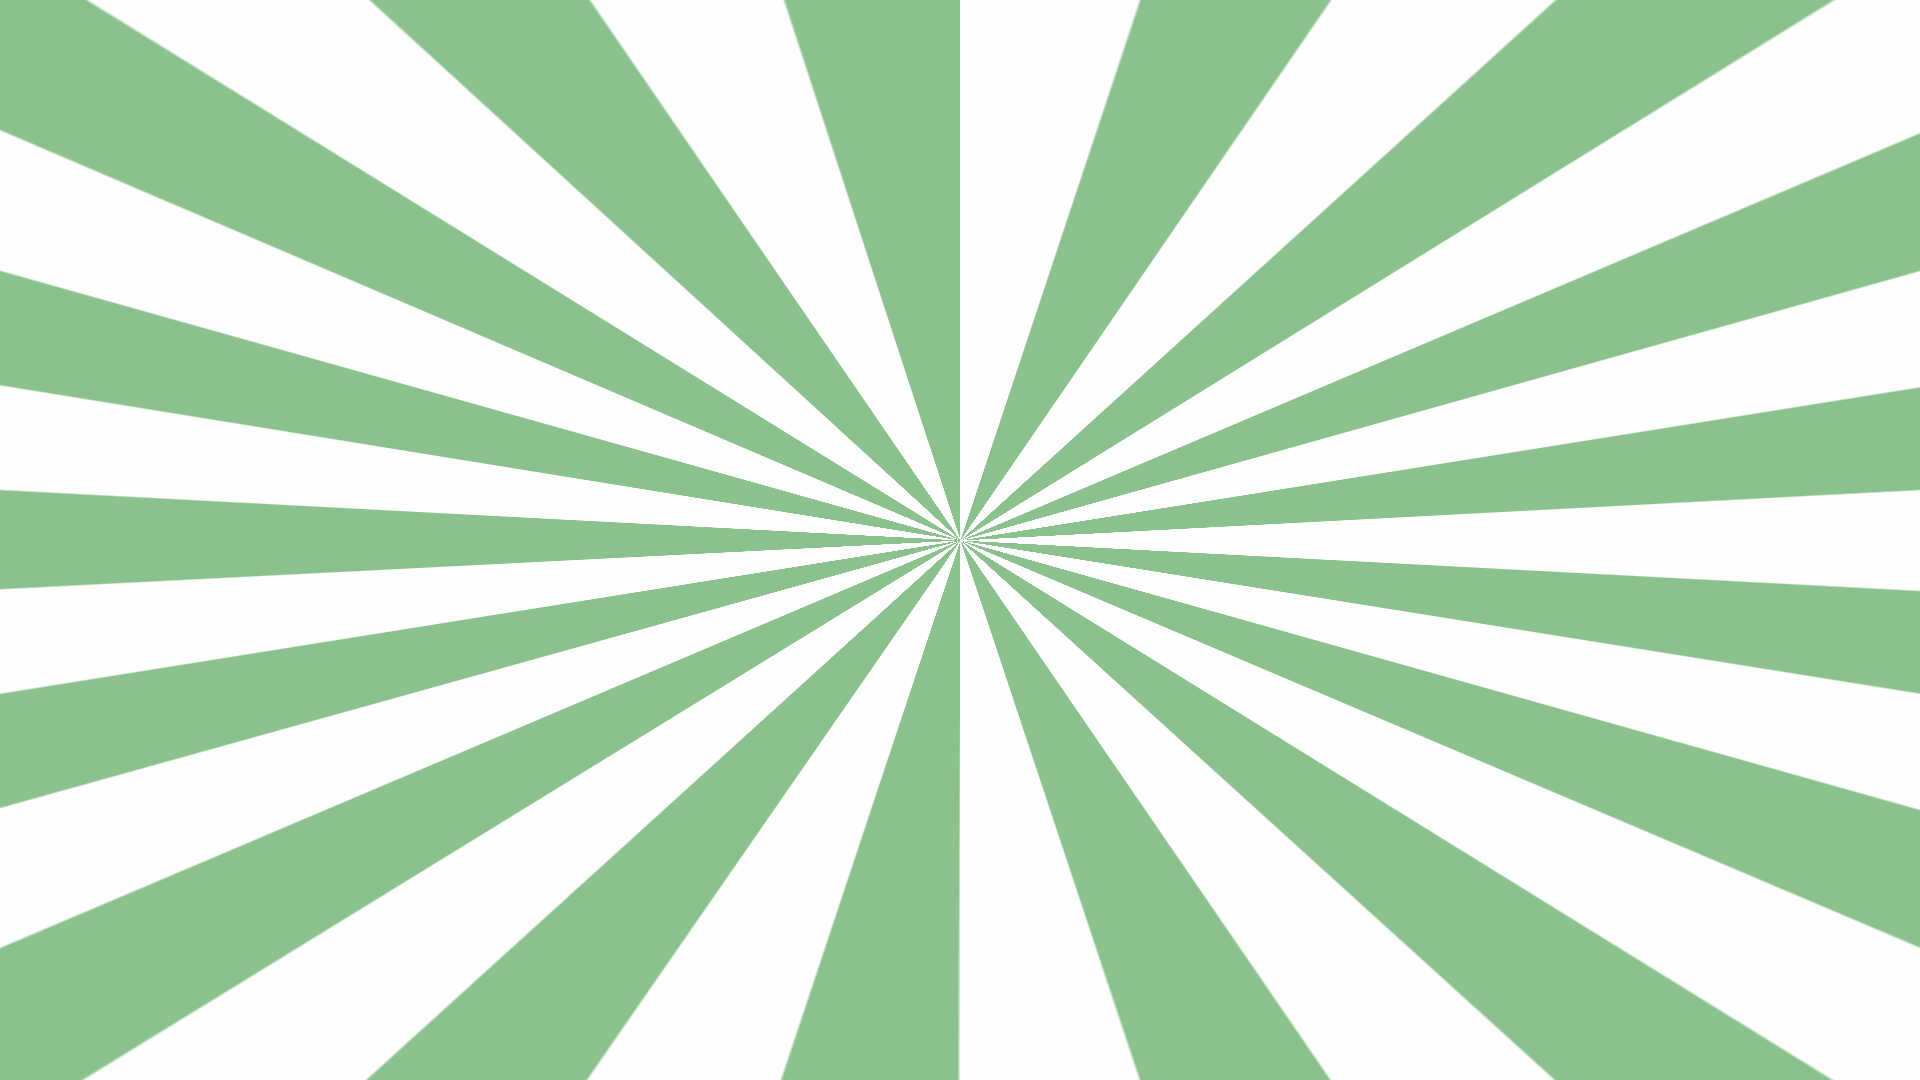 波形 集中線